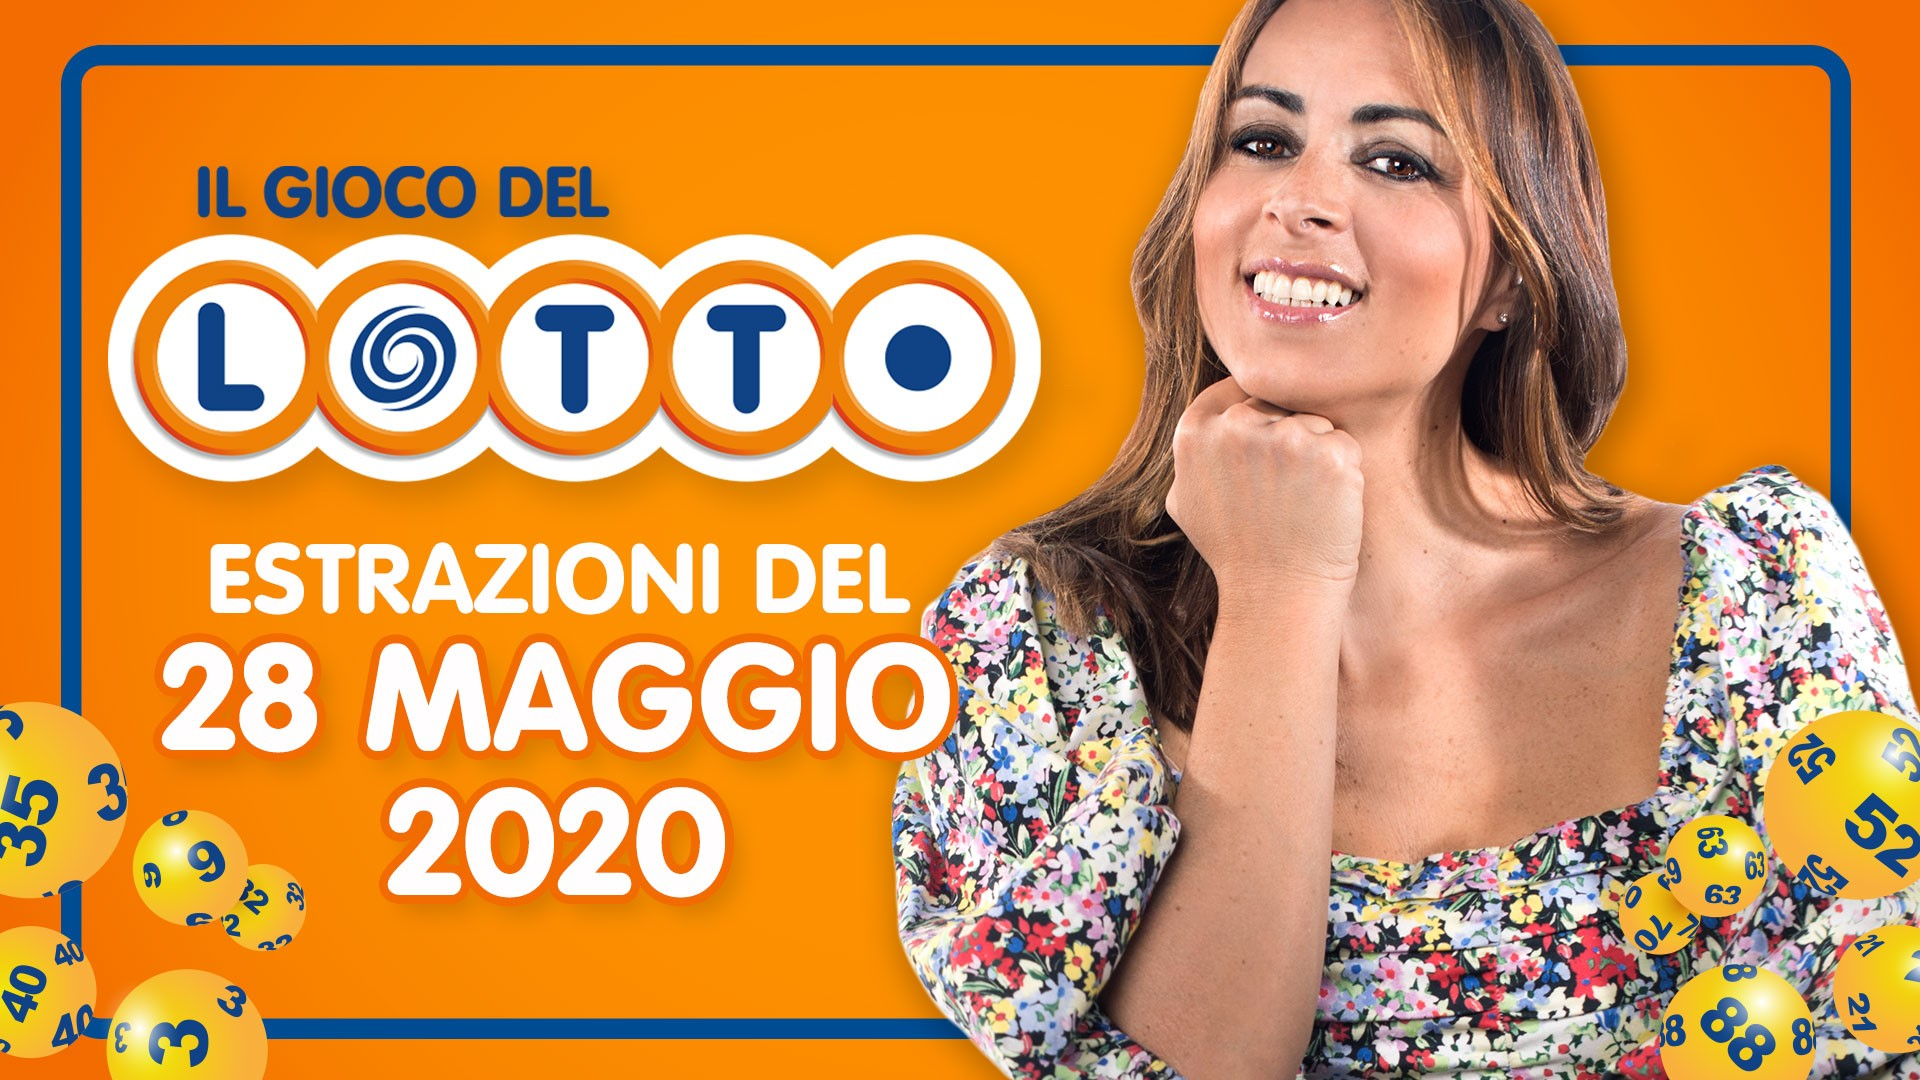 Estrazione Lotto 28 maggio 2020 numeri vincenti giovedì estrazioni del Gioco del Lotto in diretta con Serena Garitta